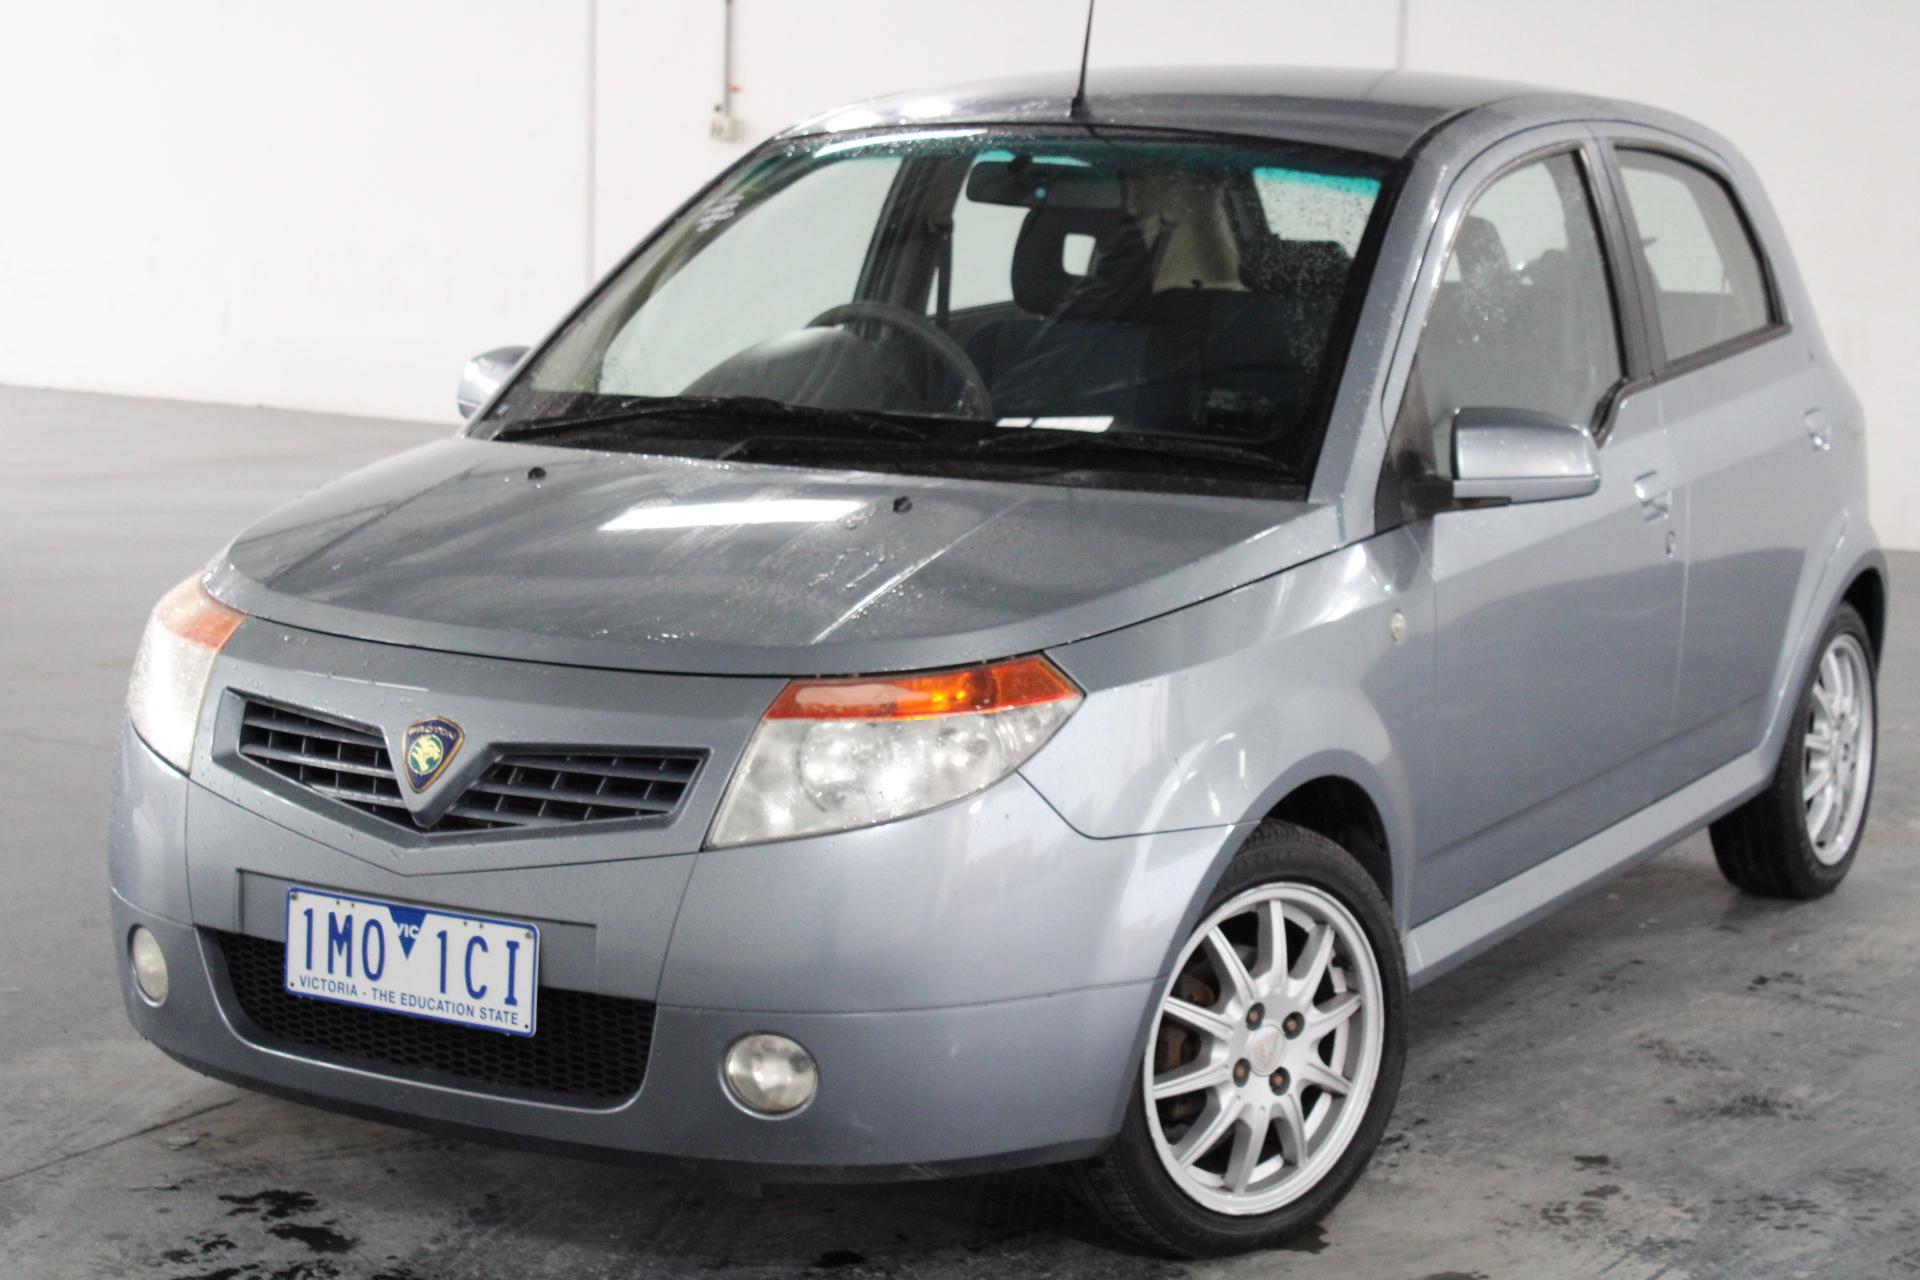 2006 Proton Savvy Manual Hatchback